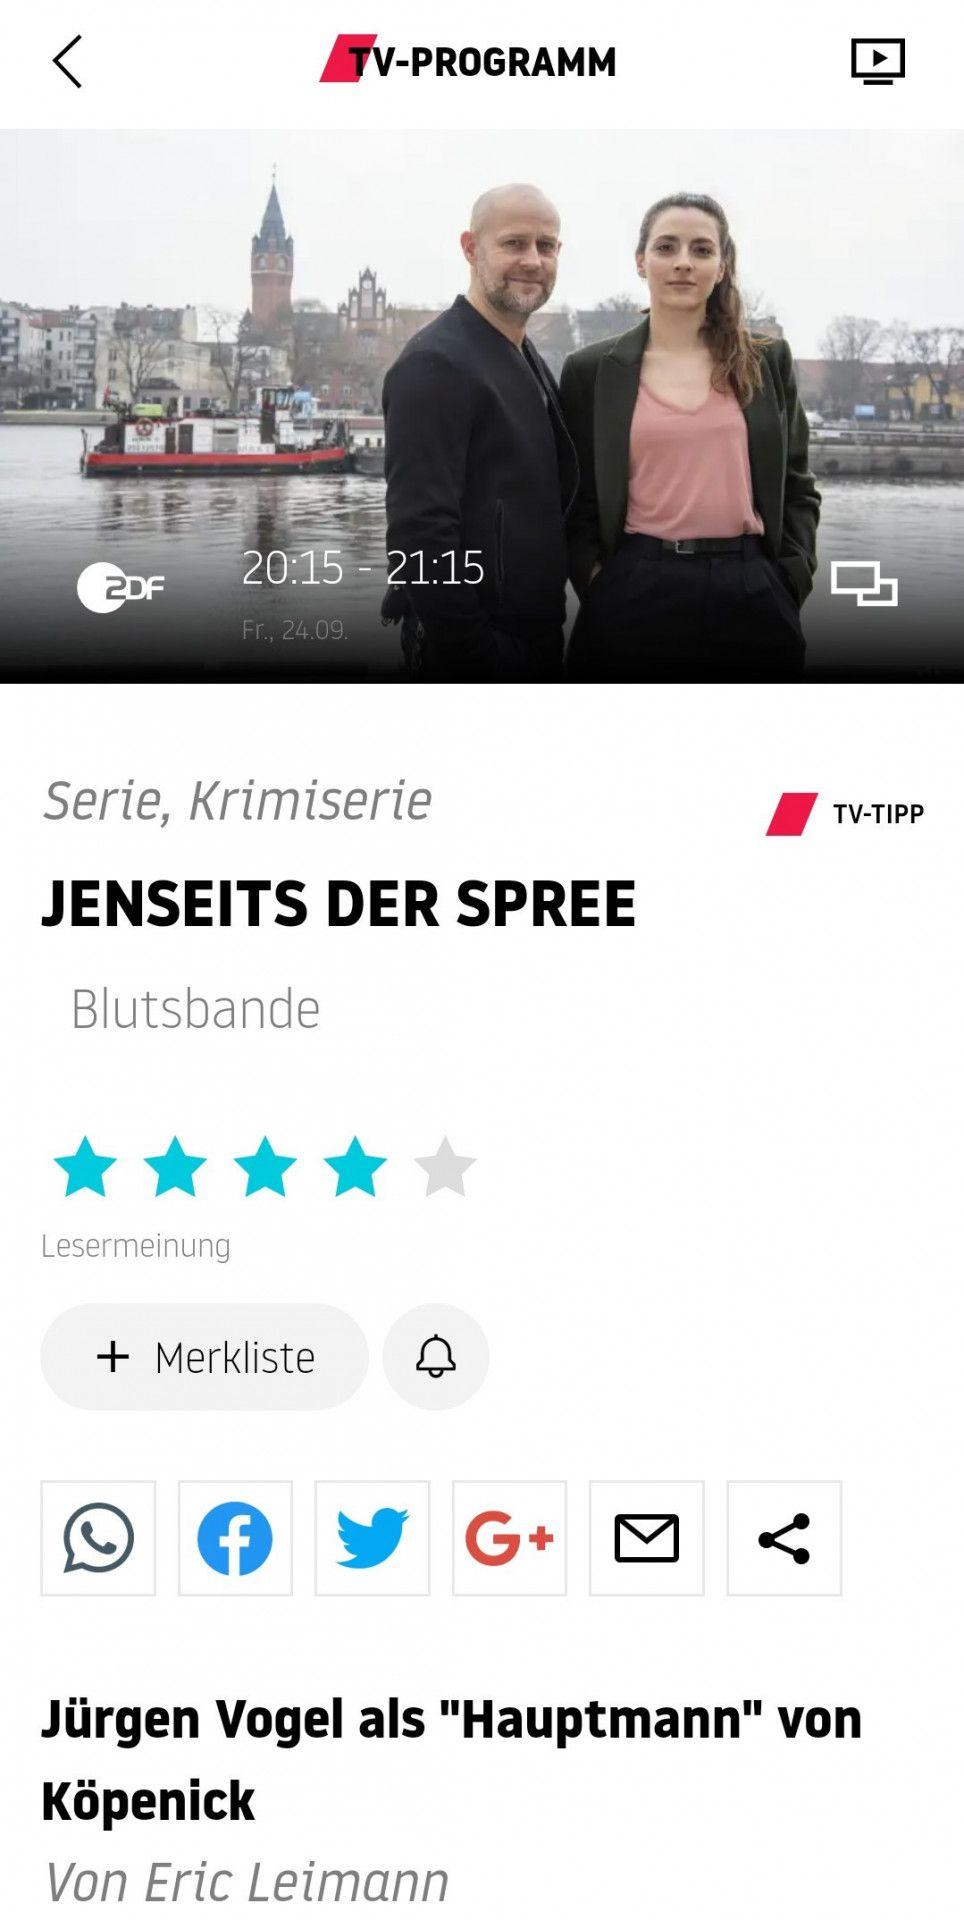 Wissen, was sich lohnt: Tägliche TV-Tipps aus der Redaktion bieten Empfehlungen an, die umgehend auch von den prisma-App-Nutzern bewertet werden können.